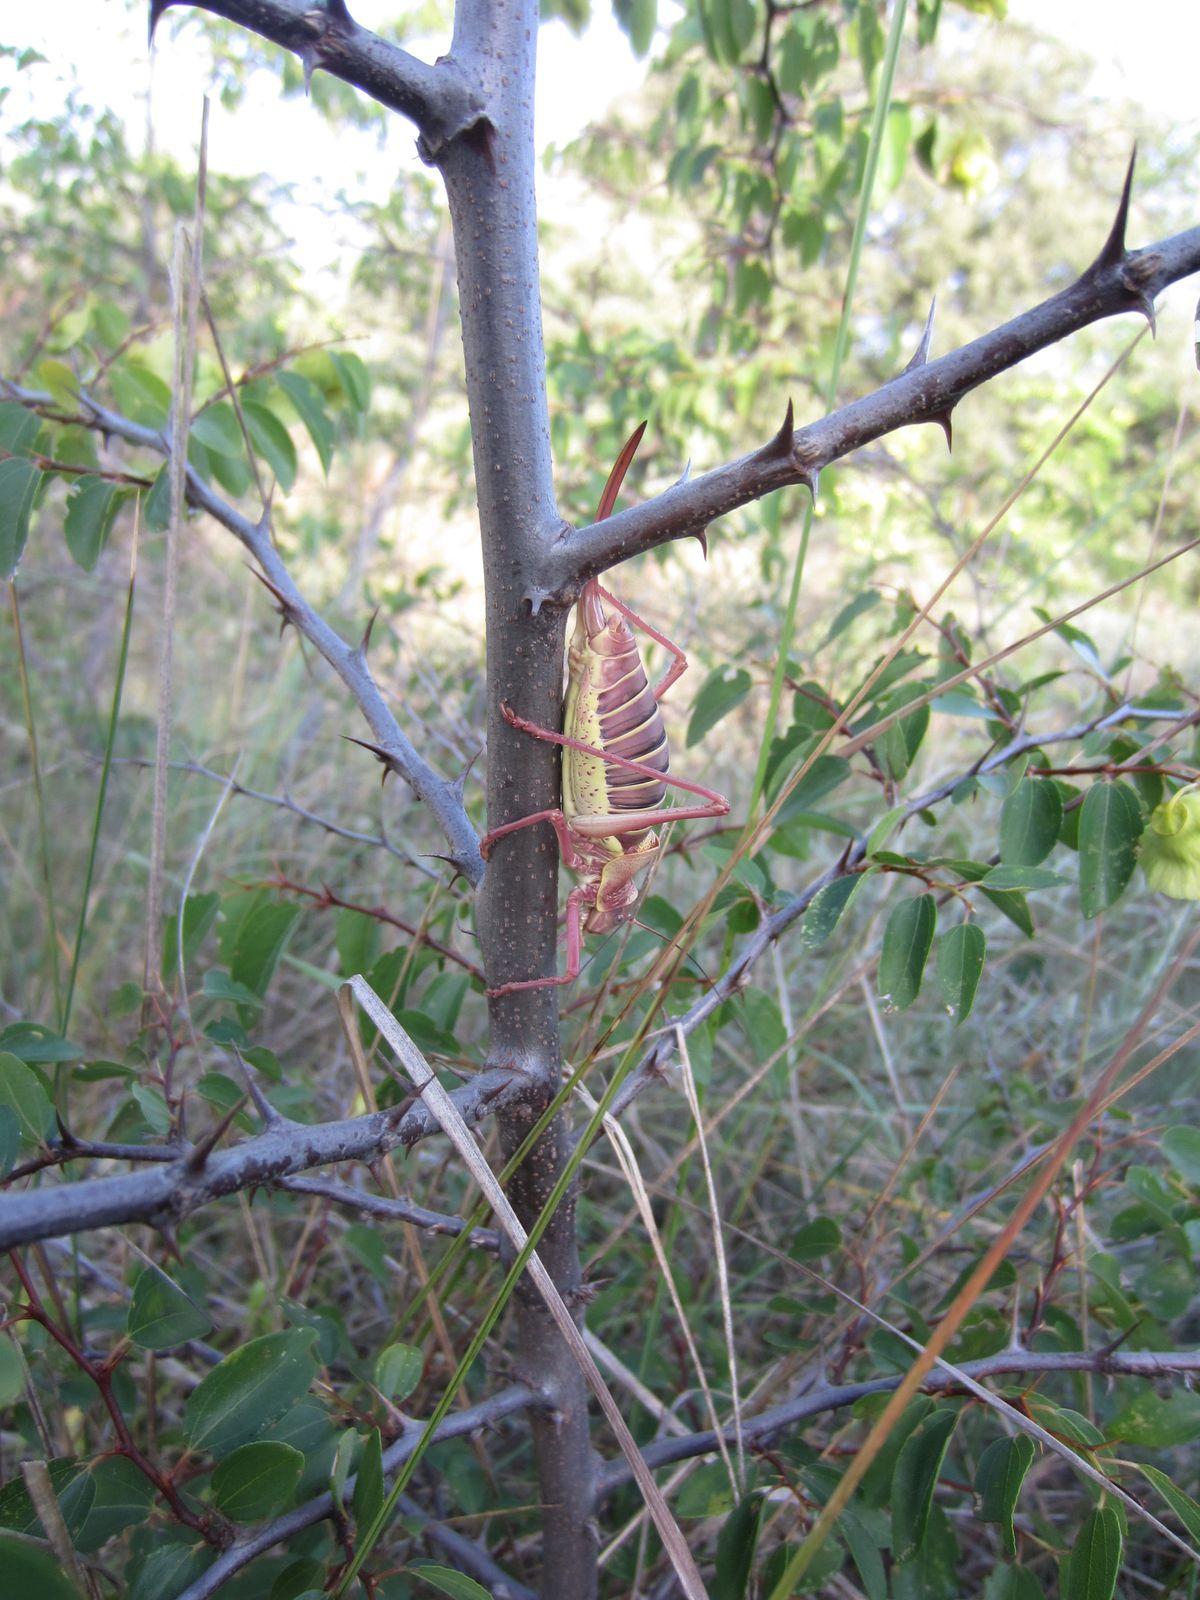 plus loin un criquet monstrueux se cache derrière une tige de paliure